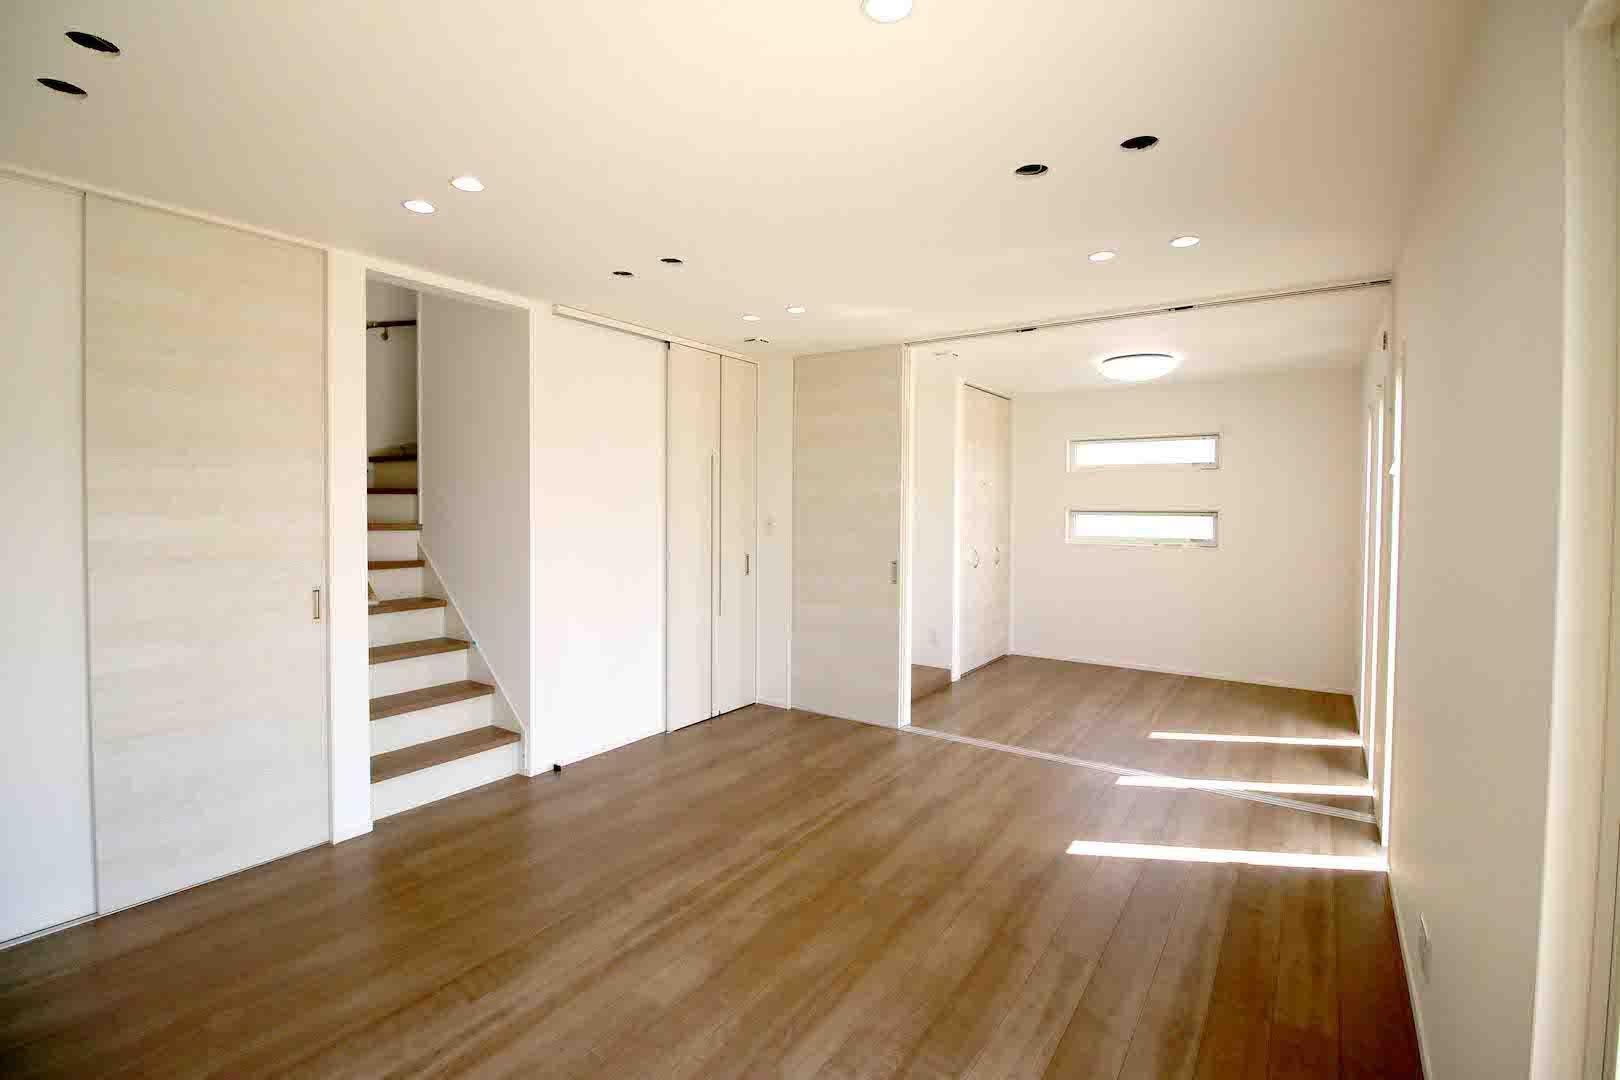 ファンライフOB訪問|収納と家事動線にこだわったOさま邸